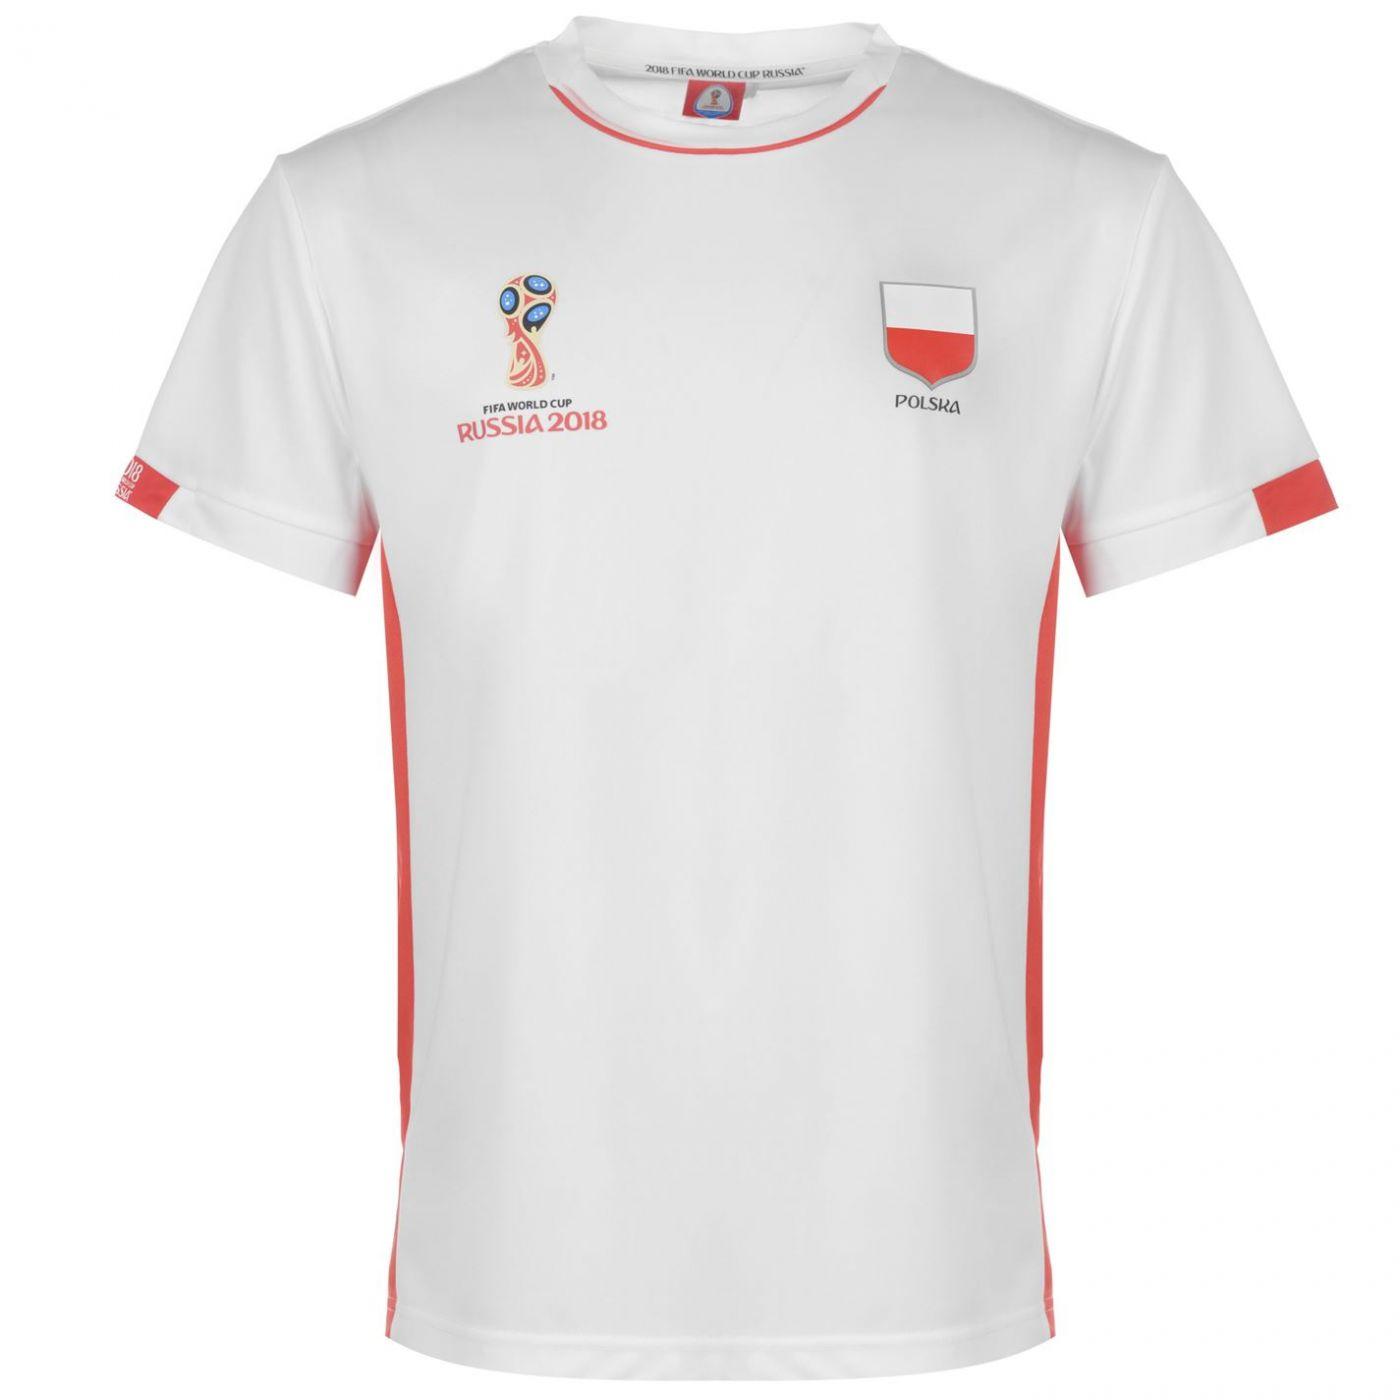 2018 Poland World Cup T Shirt